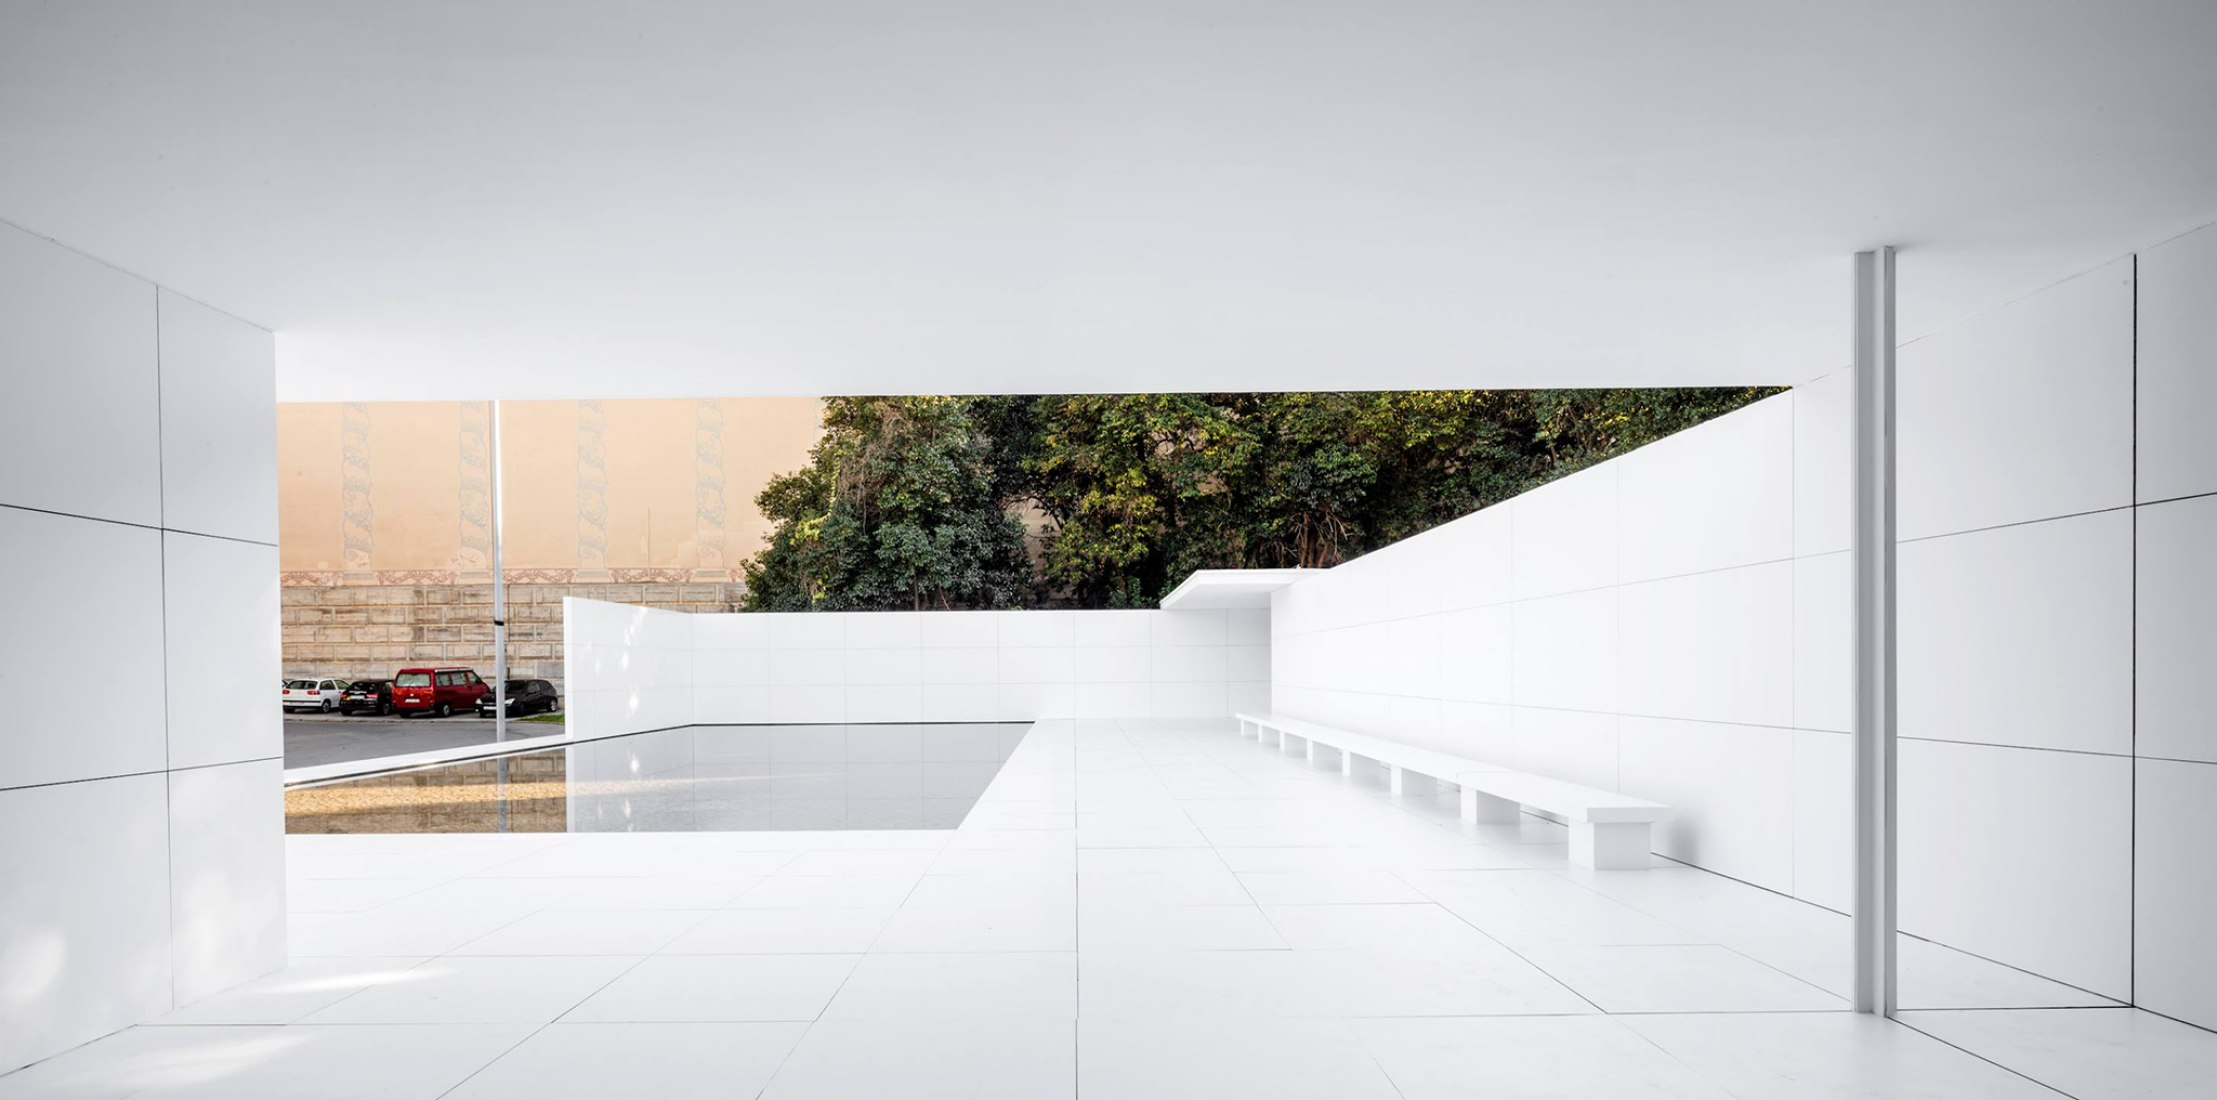 16.11.2017. El pabellón de Mies sin materia, por Anna & Eugeni Bach. Fotografía © Adrià Goula